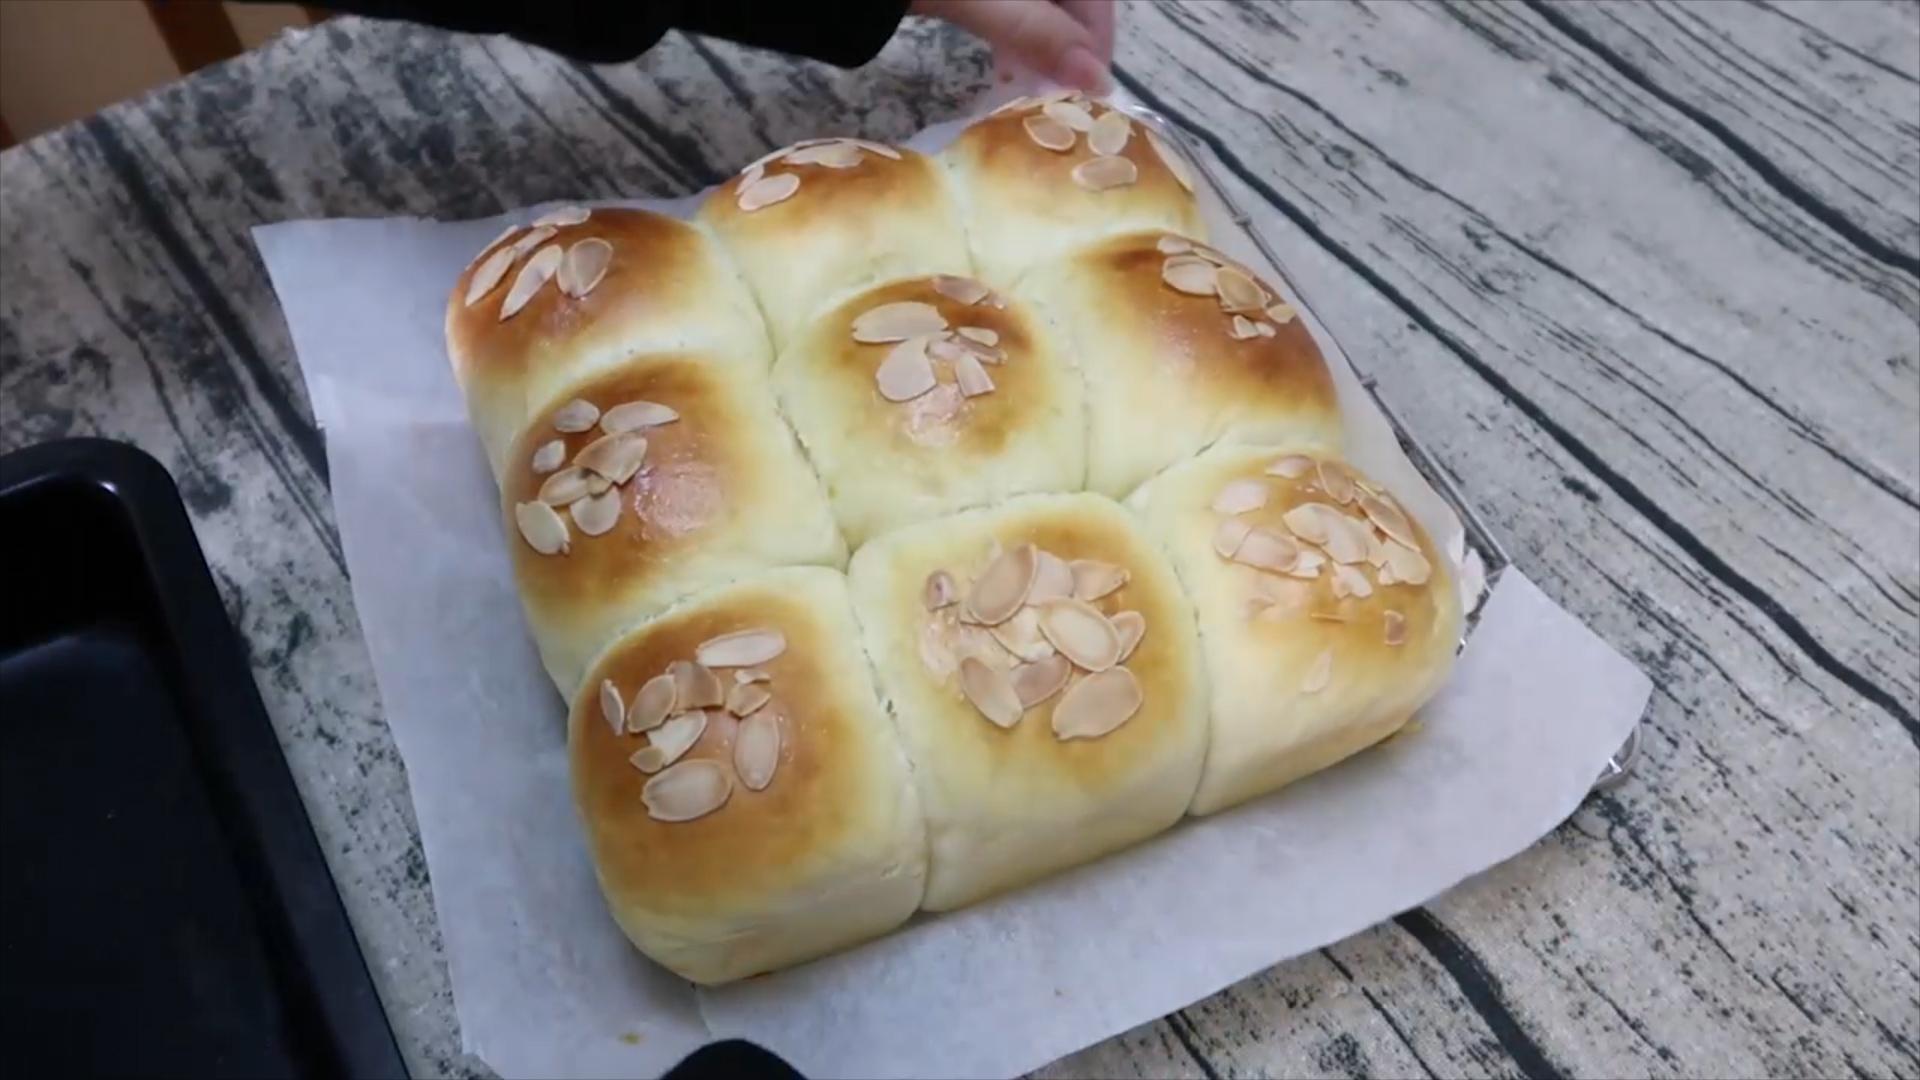 奶油奶酪松软小面包